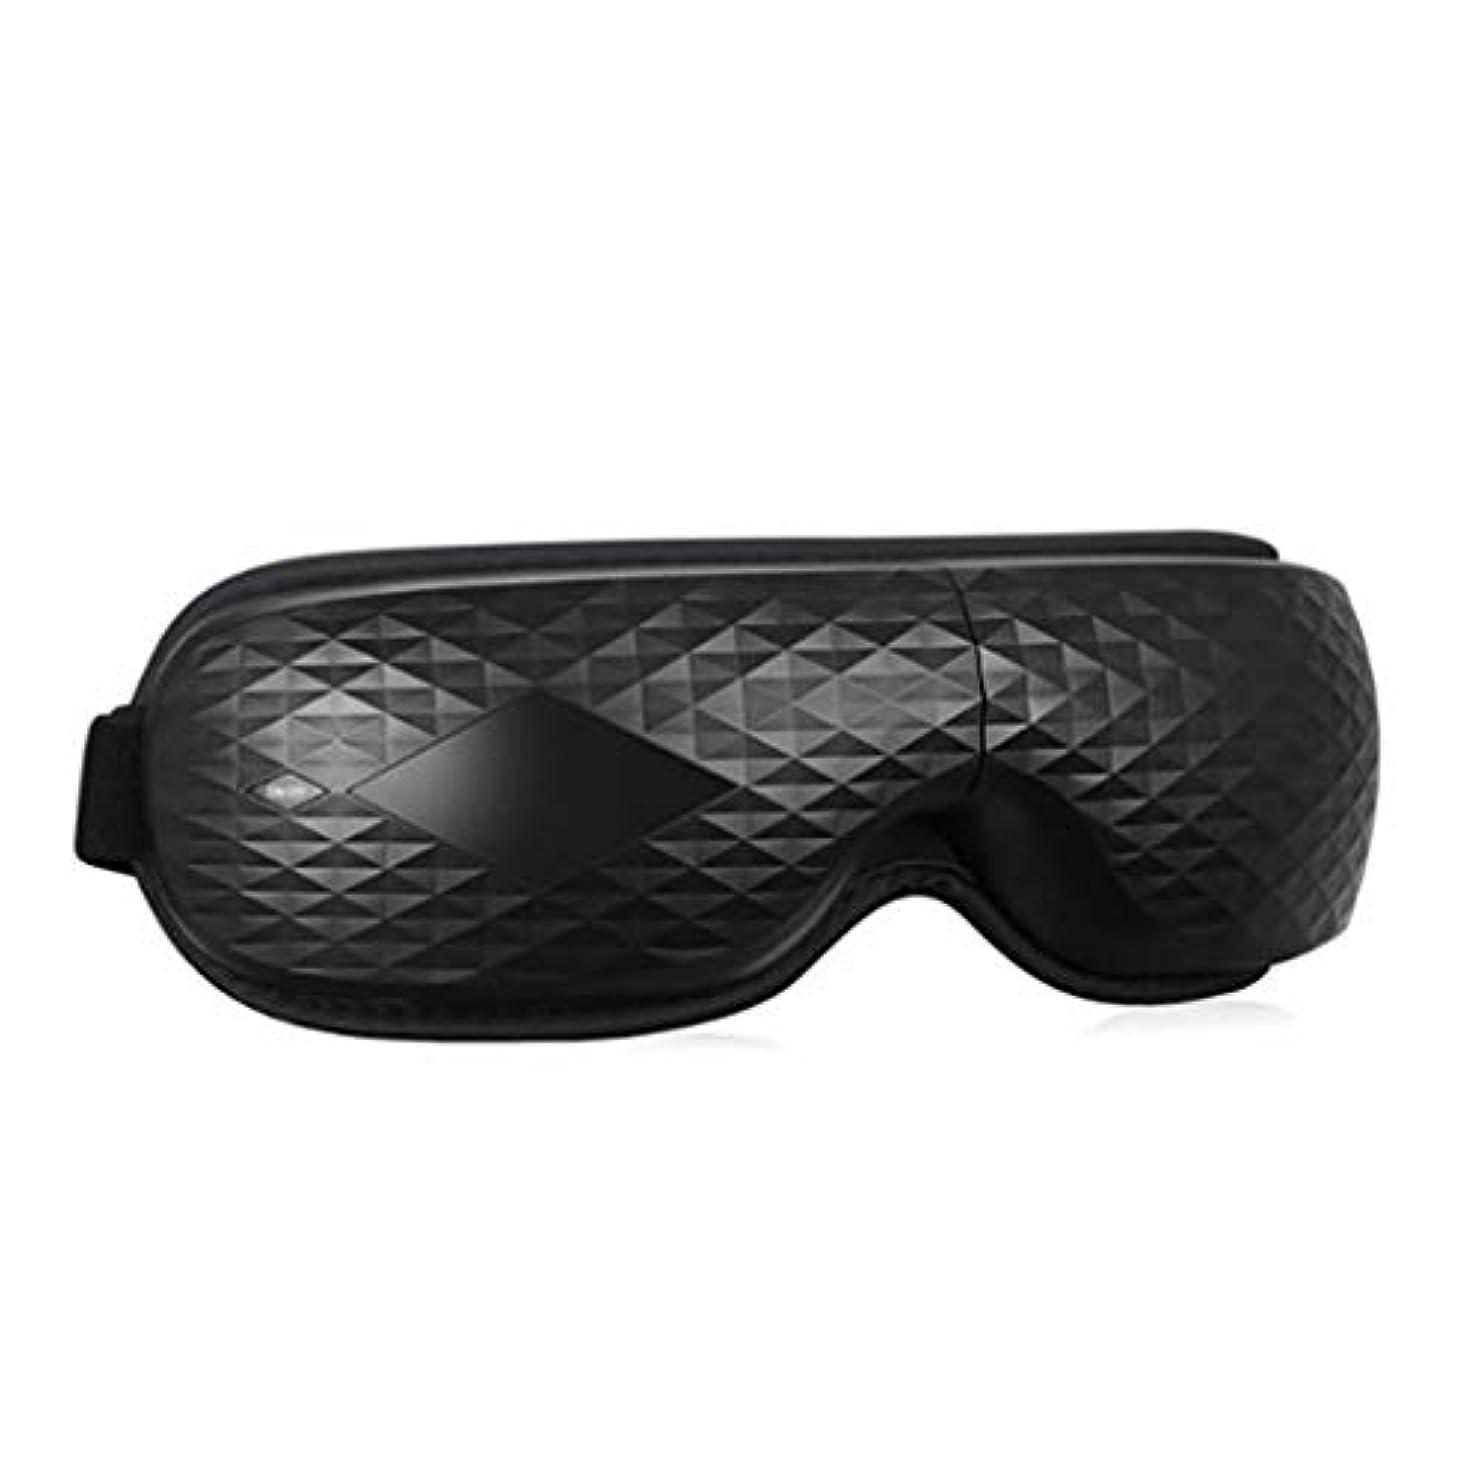 存在打ち上げる提供するアイマッサージャー、折り畳み式Bluetooth赤外線アイマッサージャー、5つのモードの加熱/振動/空気圧縮と音楽、SPA眼科治療機器、疲労と痛みの軽減、睡眠の促進 (Color : Obsidian)